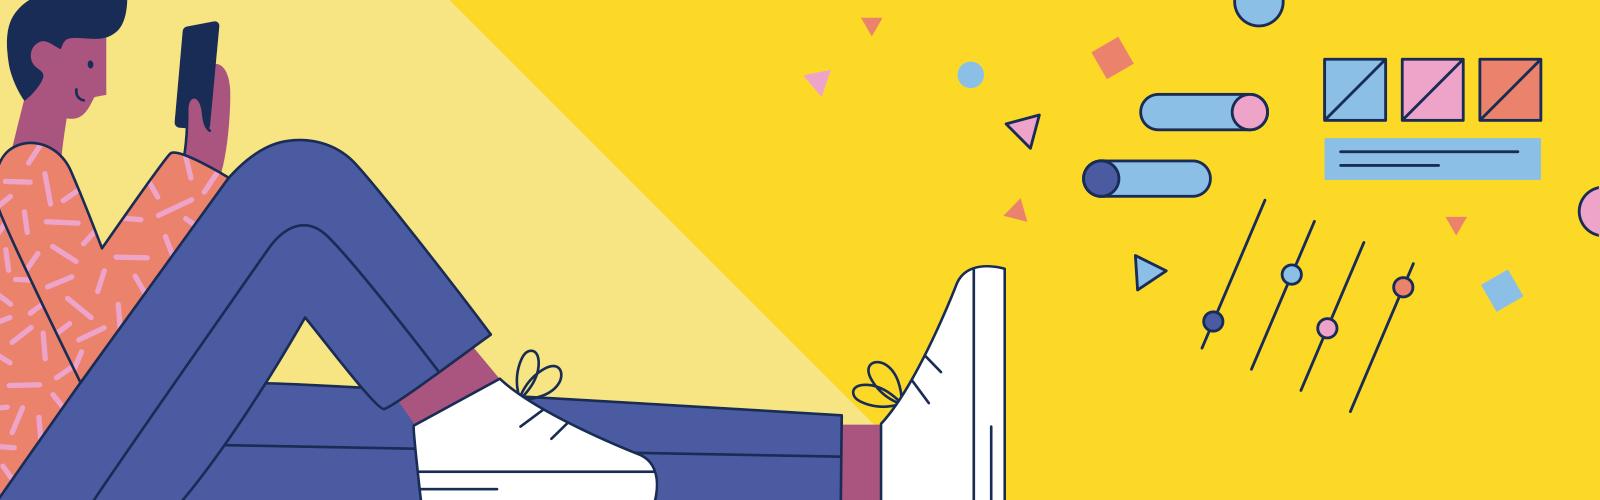 Muitas empresas adotaram o horário flexível como forma de tornar o dia a dia mais leve nas grandes cidades e ajudar no desenvolvimento da responsabilidade em cada pessoa. A adoção do horário flexível, no escritório físico, quando alinhado com todos e com limites estabelecidos, gera muitos resultados positivos durante o trabalho neste ambiente